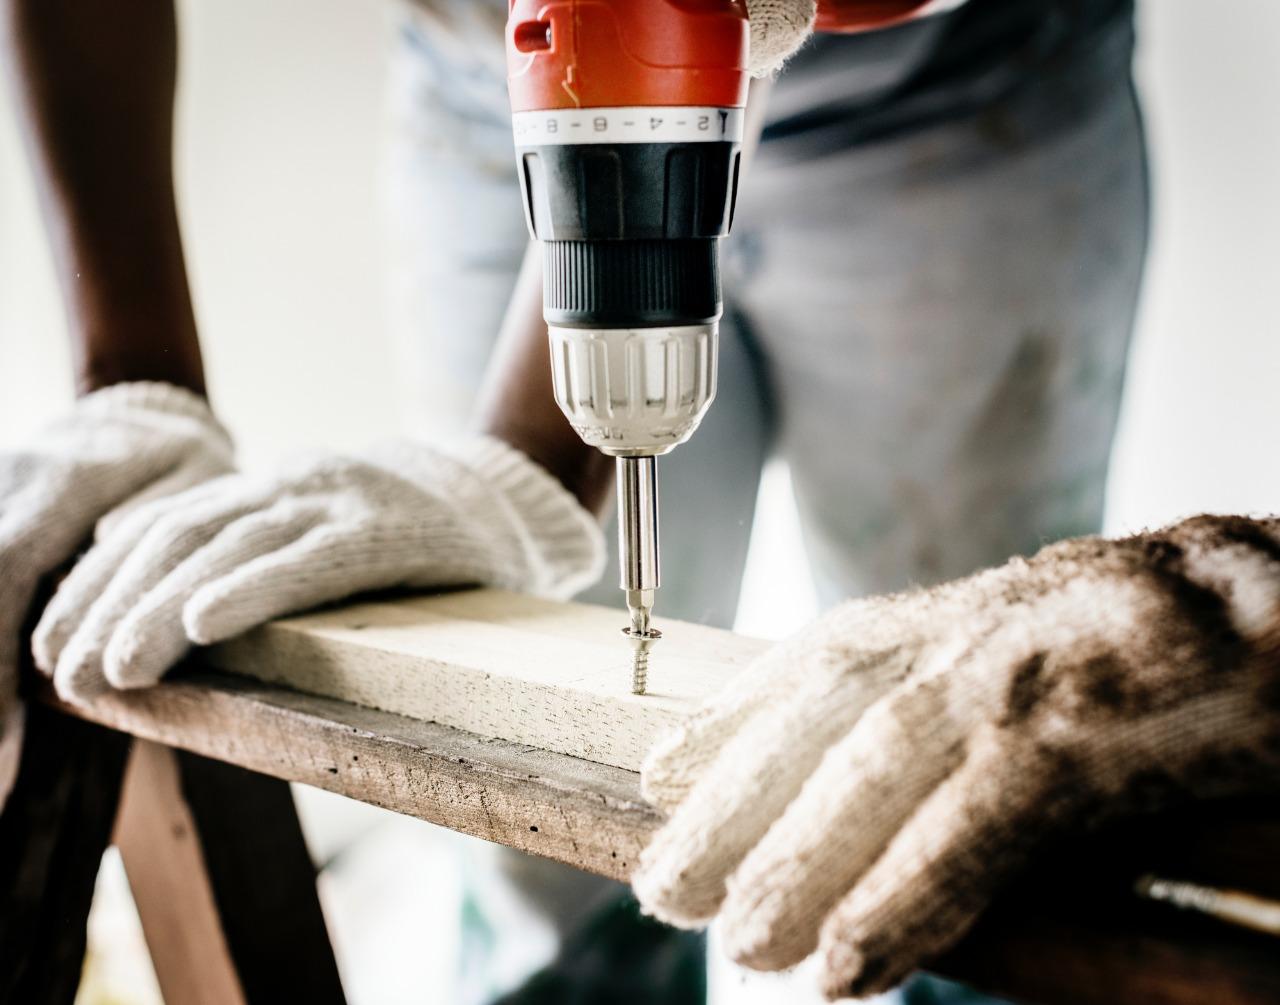 lenen renovatielening aflossen of terugbetalen voordelig geld lenen voor verbouwing